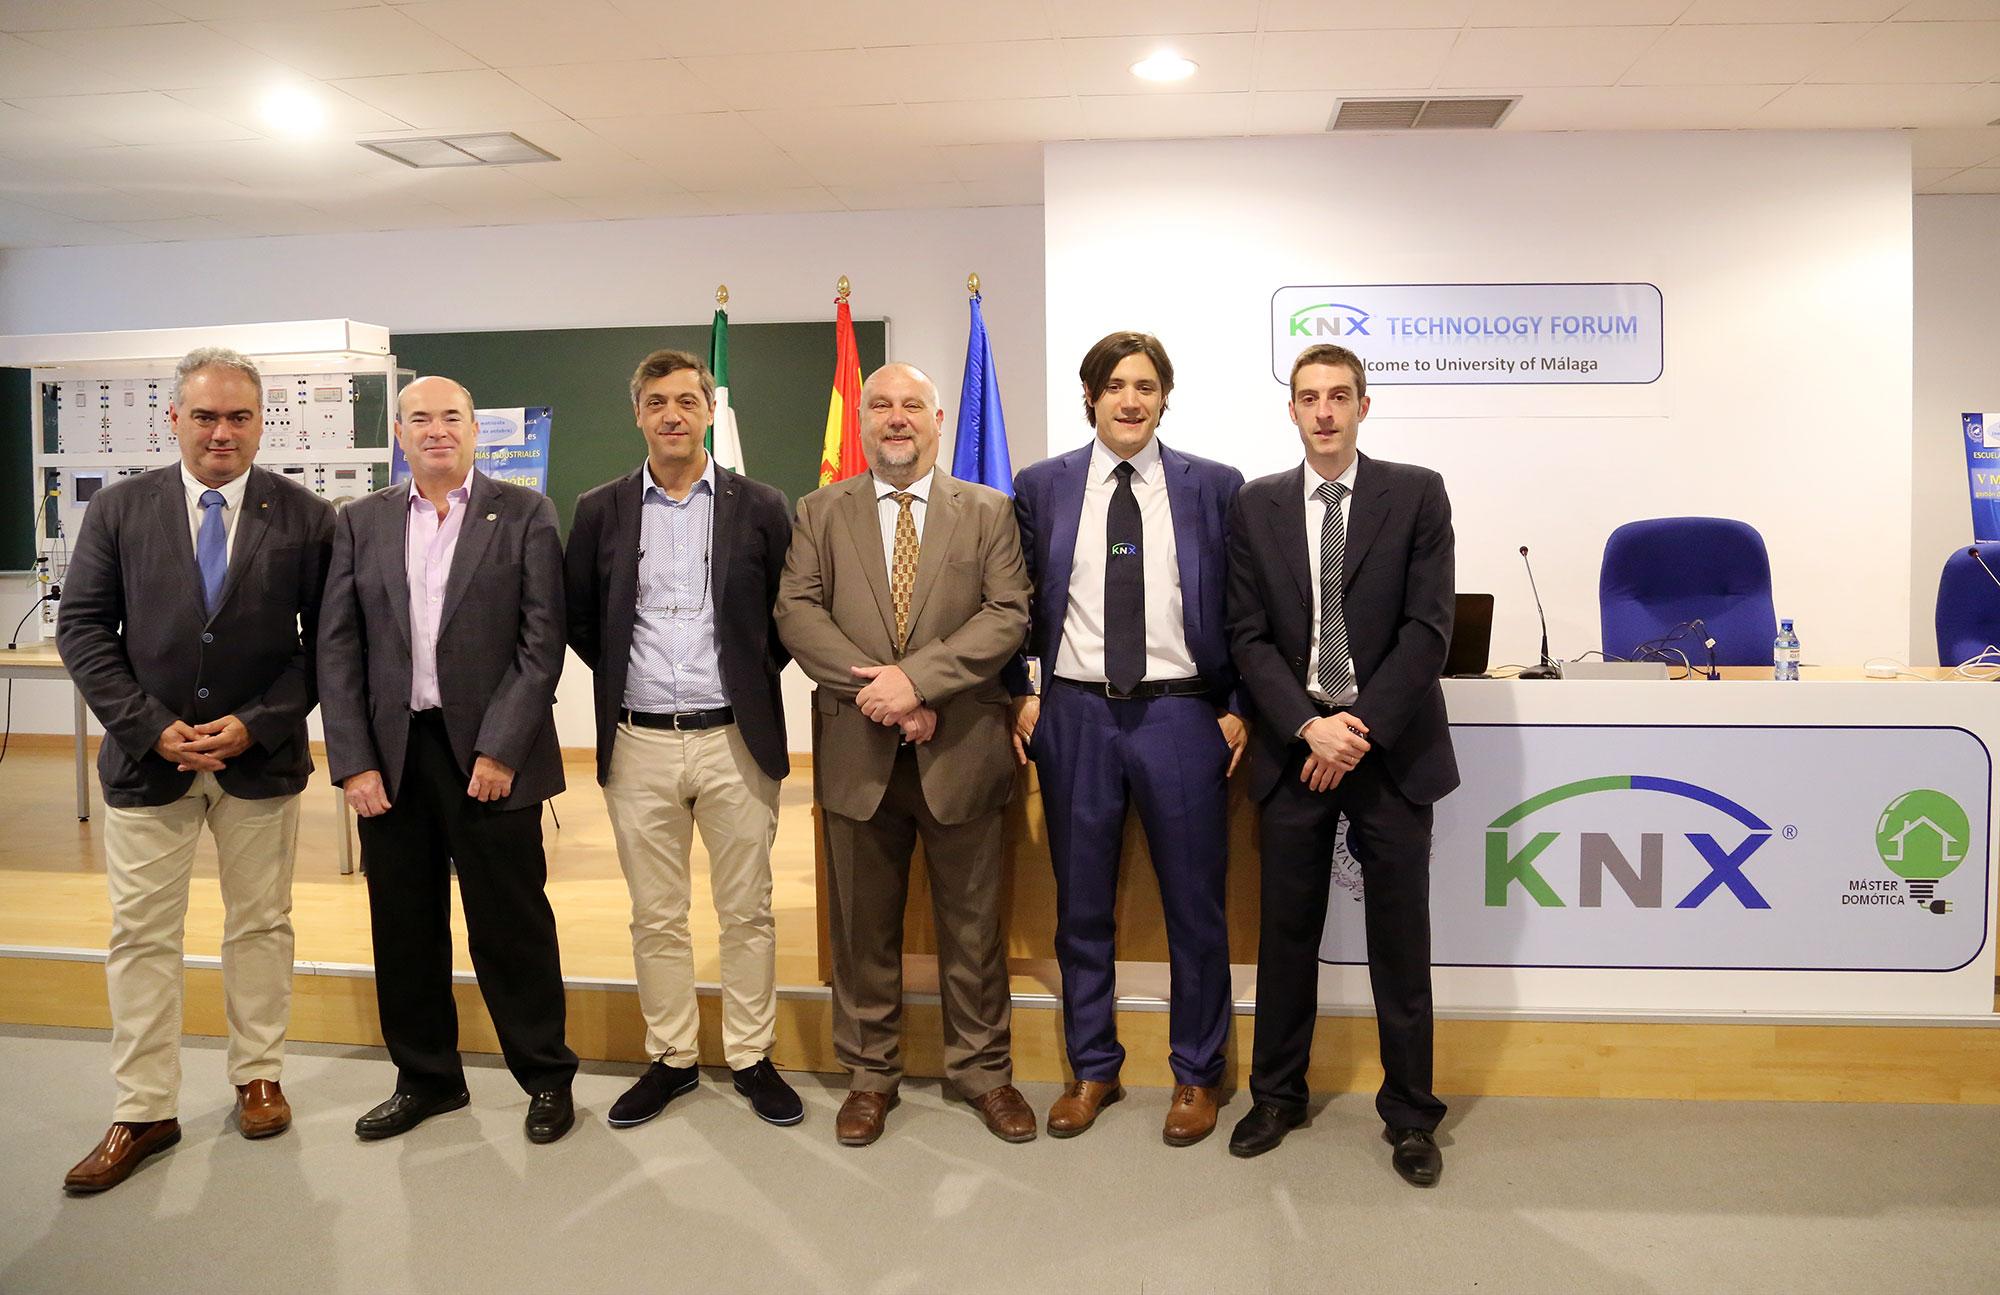 La organización KNX, estándar mundial en domótica, celebra en la UMA un foro de innovación